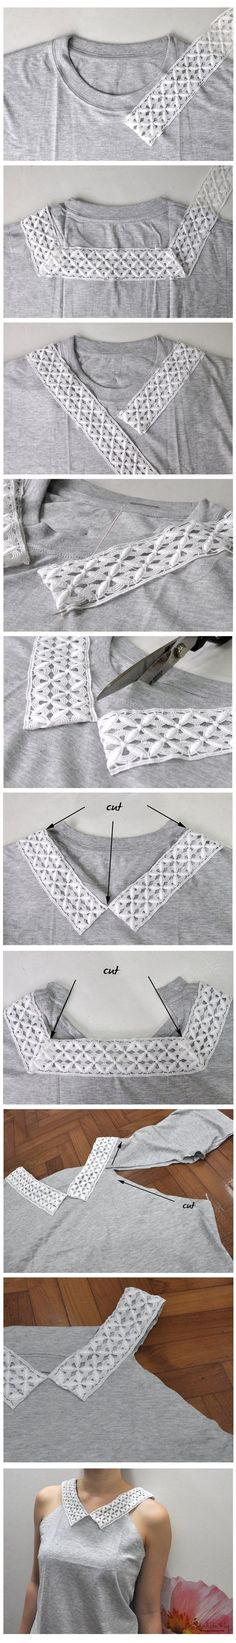 Academia Craft   Artesanato e artes para relaxar   DIY: Customização de camisetas: